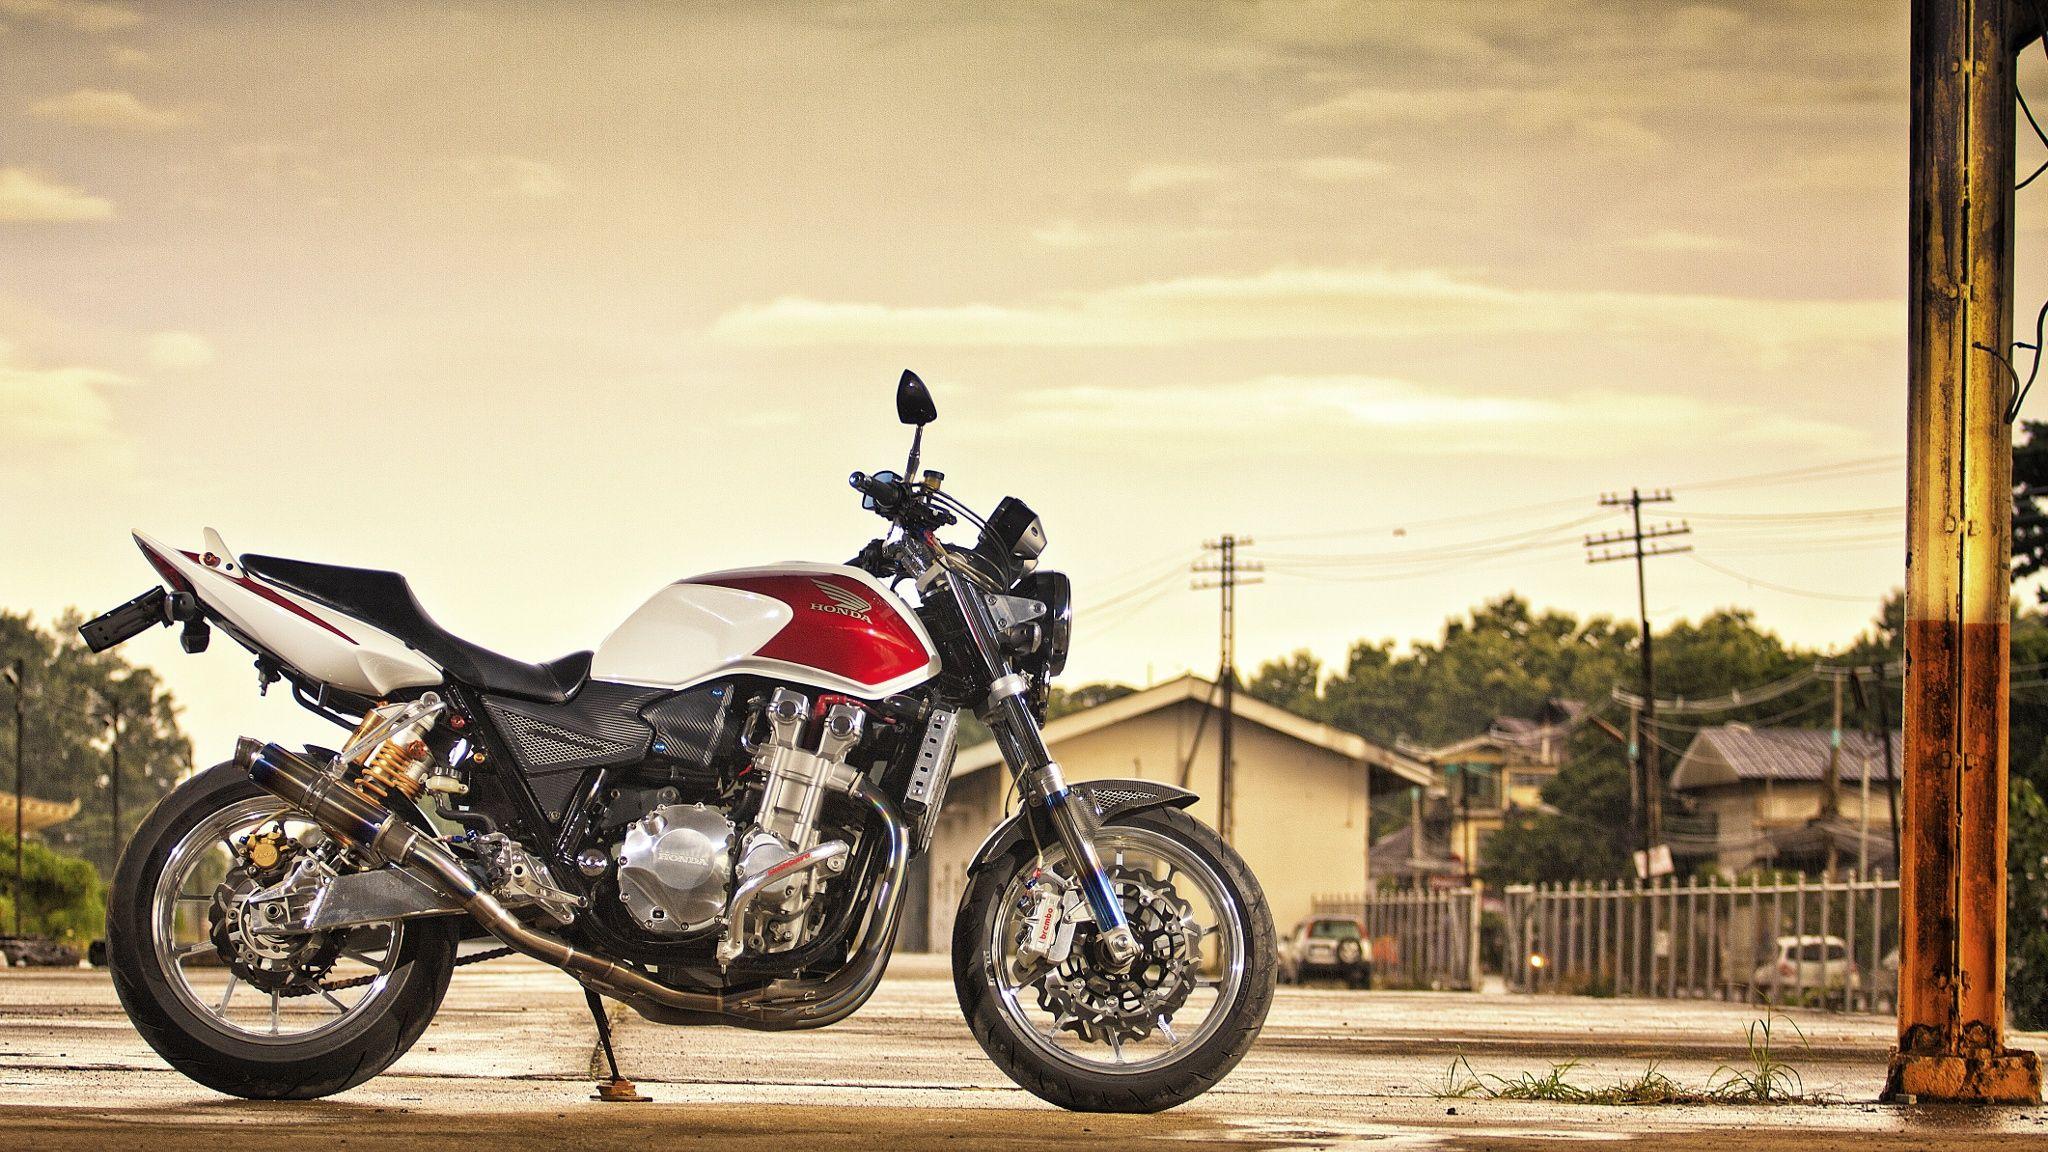 Honda Cb 1300 Honda Cb Honda Honda Motorcycles